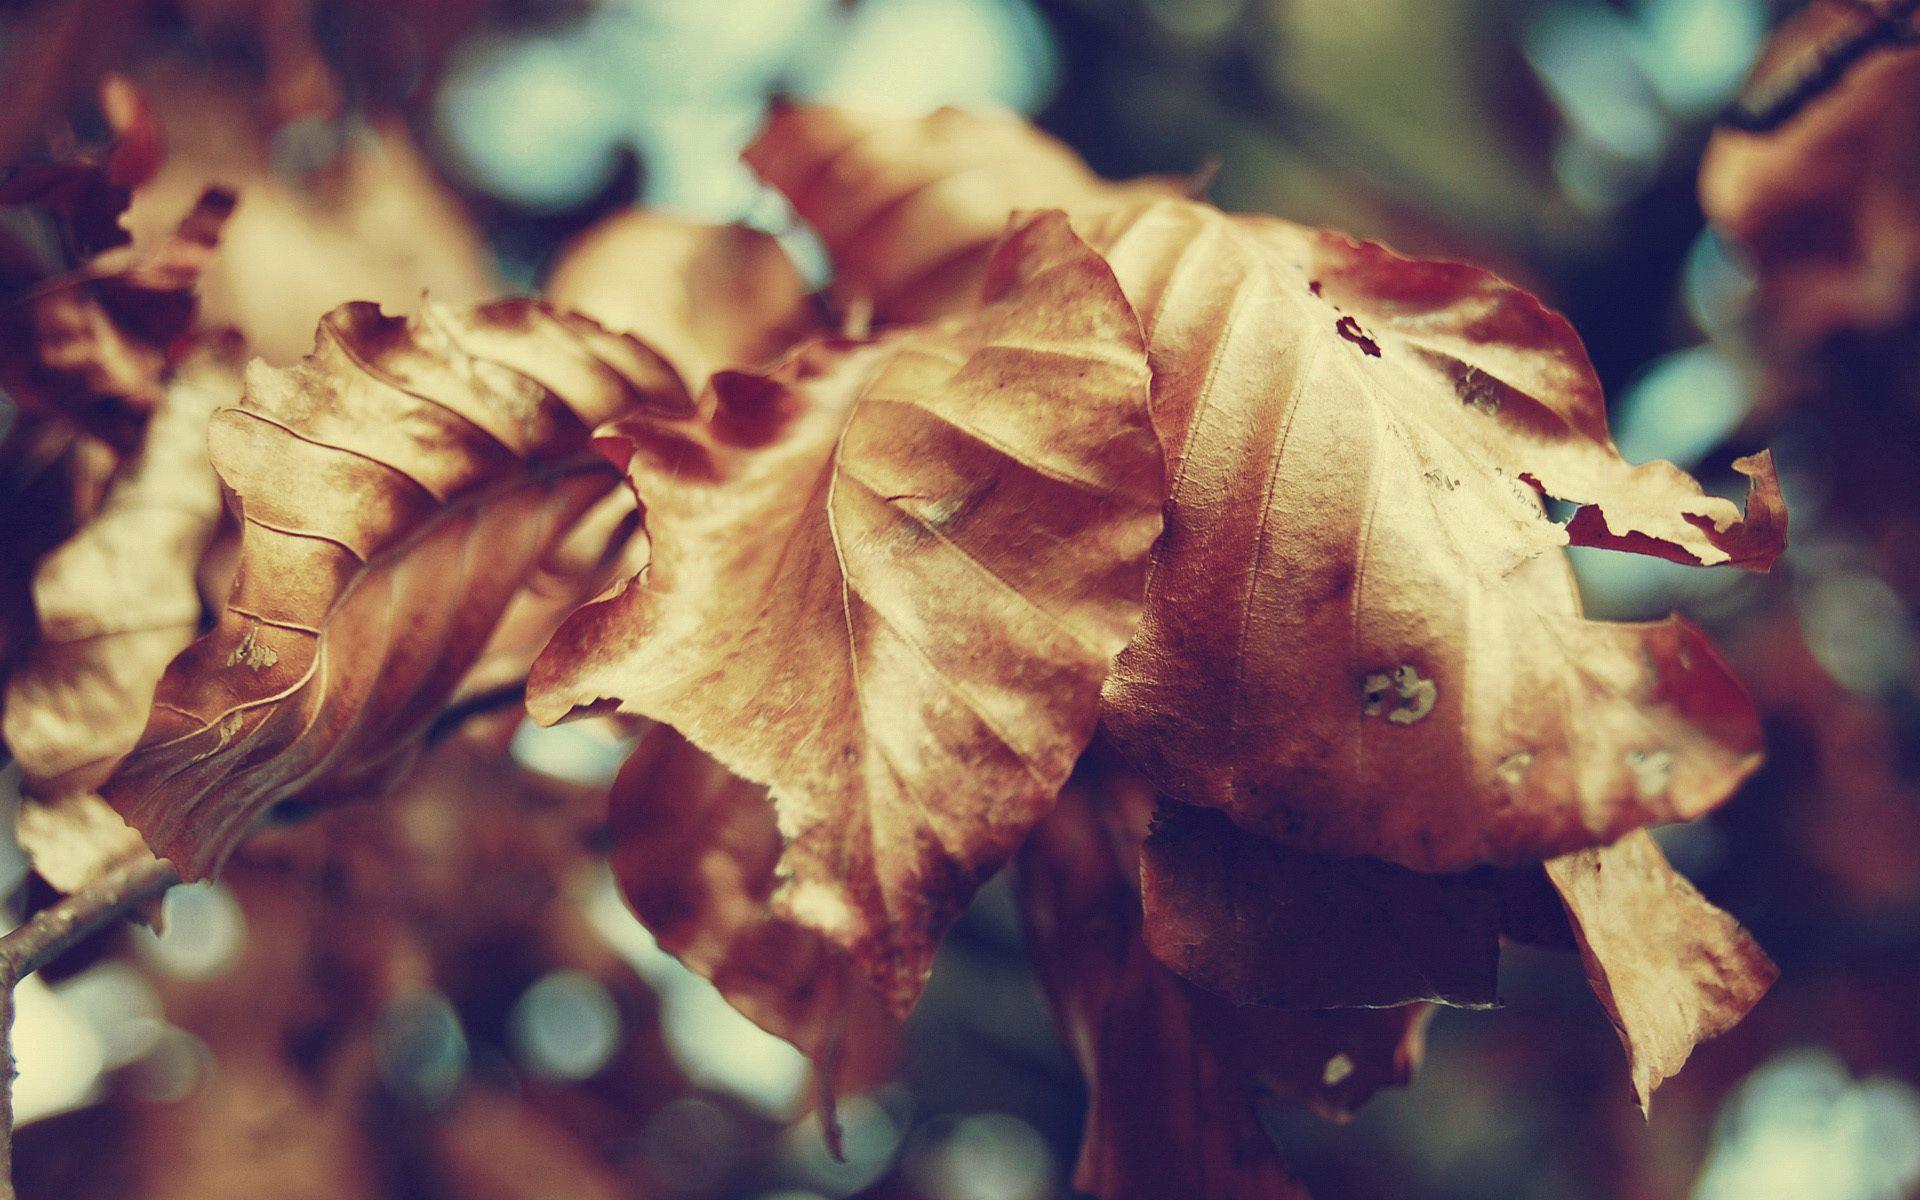 133162 скачать обои Макро, Листья, Осень, Сухой, Форма - заставки и картинки бесплатно